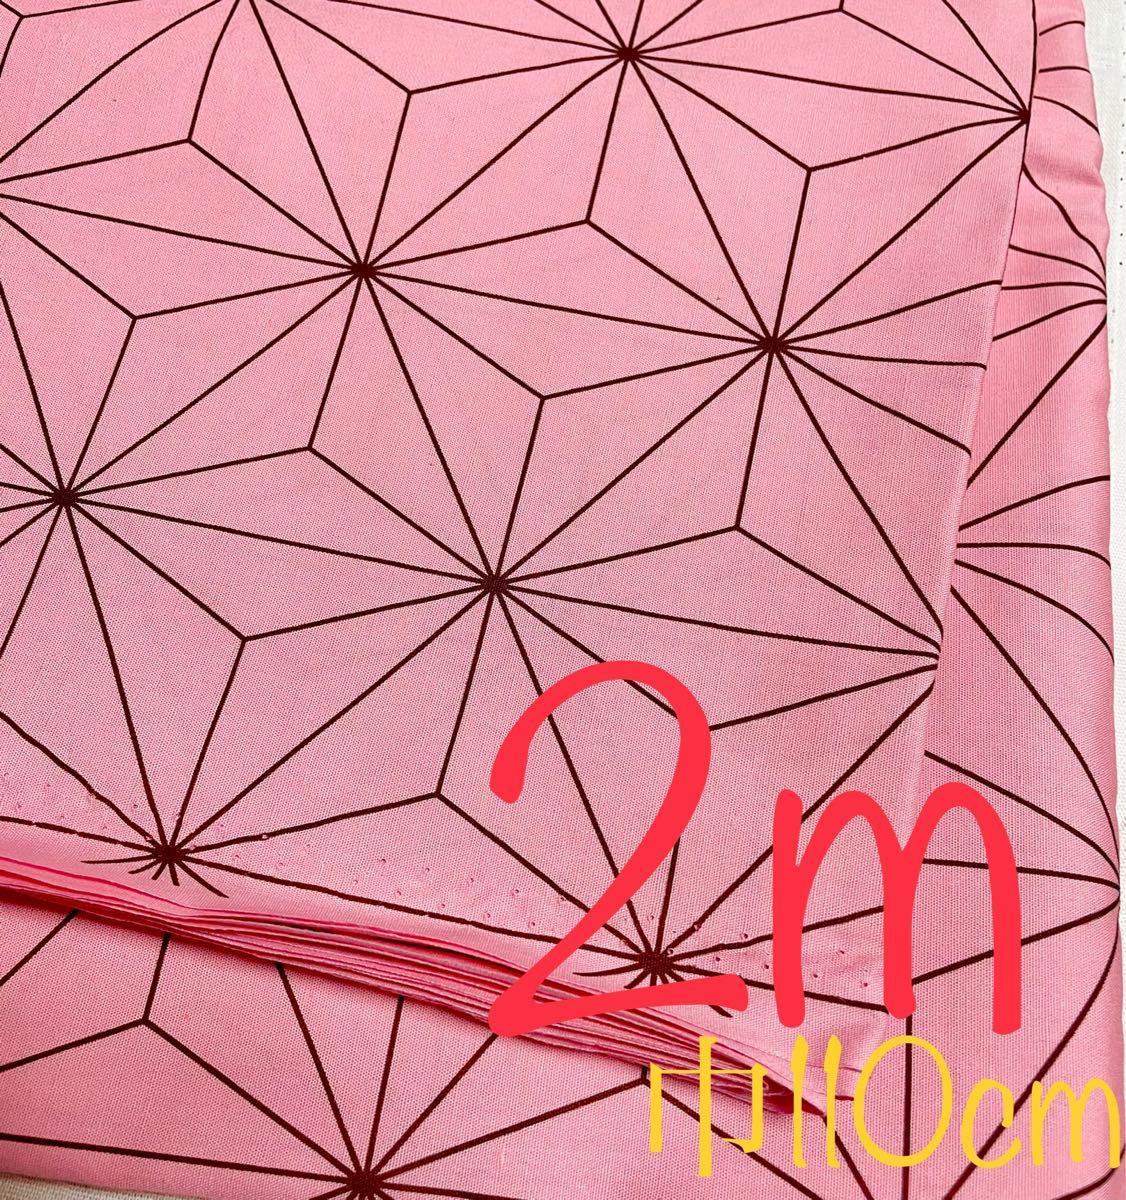 麻の葉 ピンク ブロード生地 ◆巾110cm×長2m《鬼滅の刃 ねずこ 着物柄 衣装 入園入学 ハンドメイド》